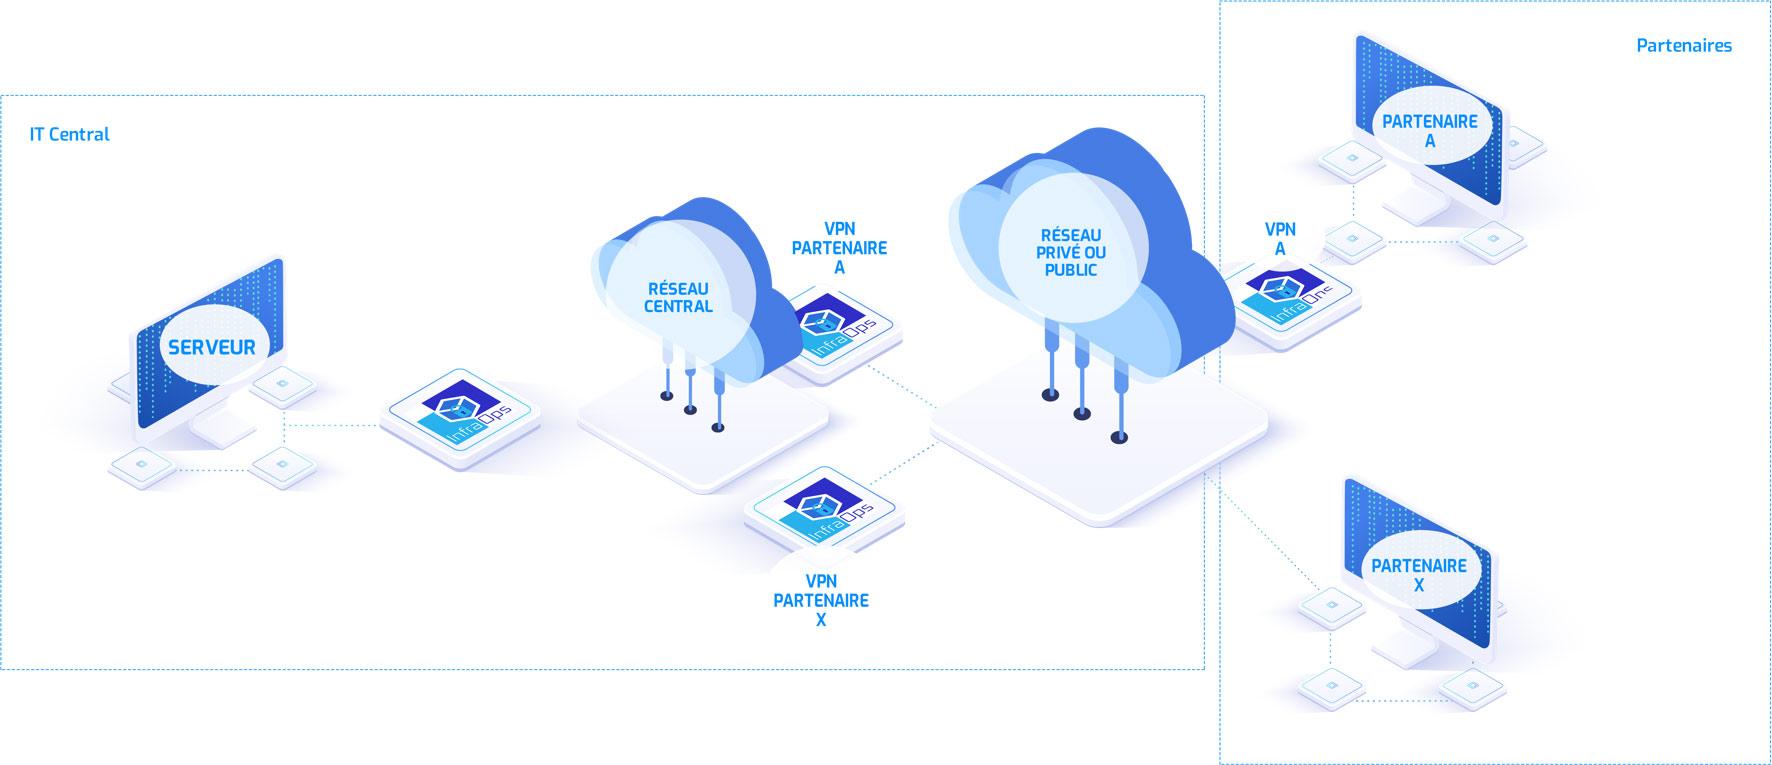 Partner's networks communication industrialisation